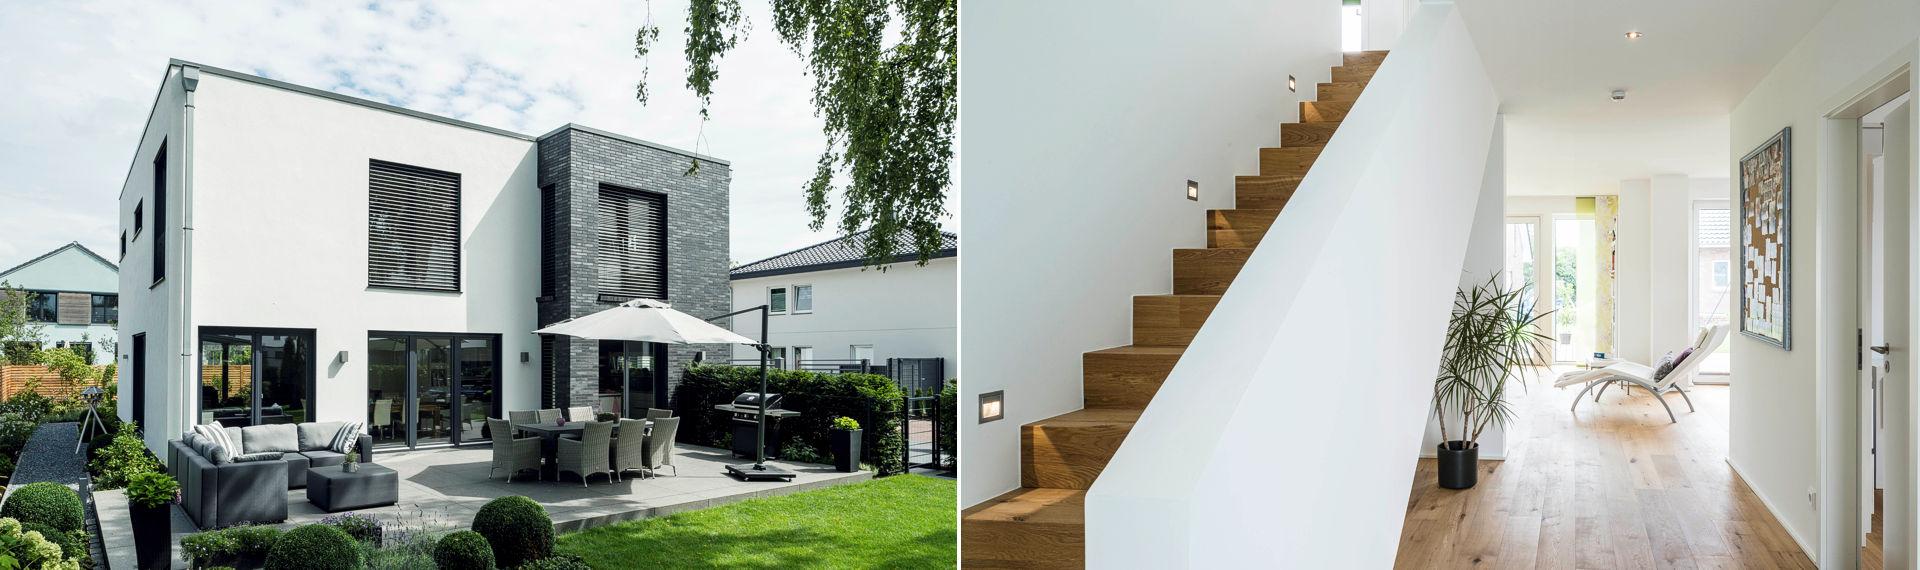 Ihr Einfamilienhaus in moderner Bauhaus Architektur.